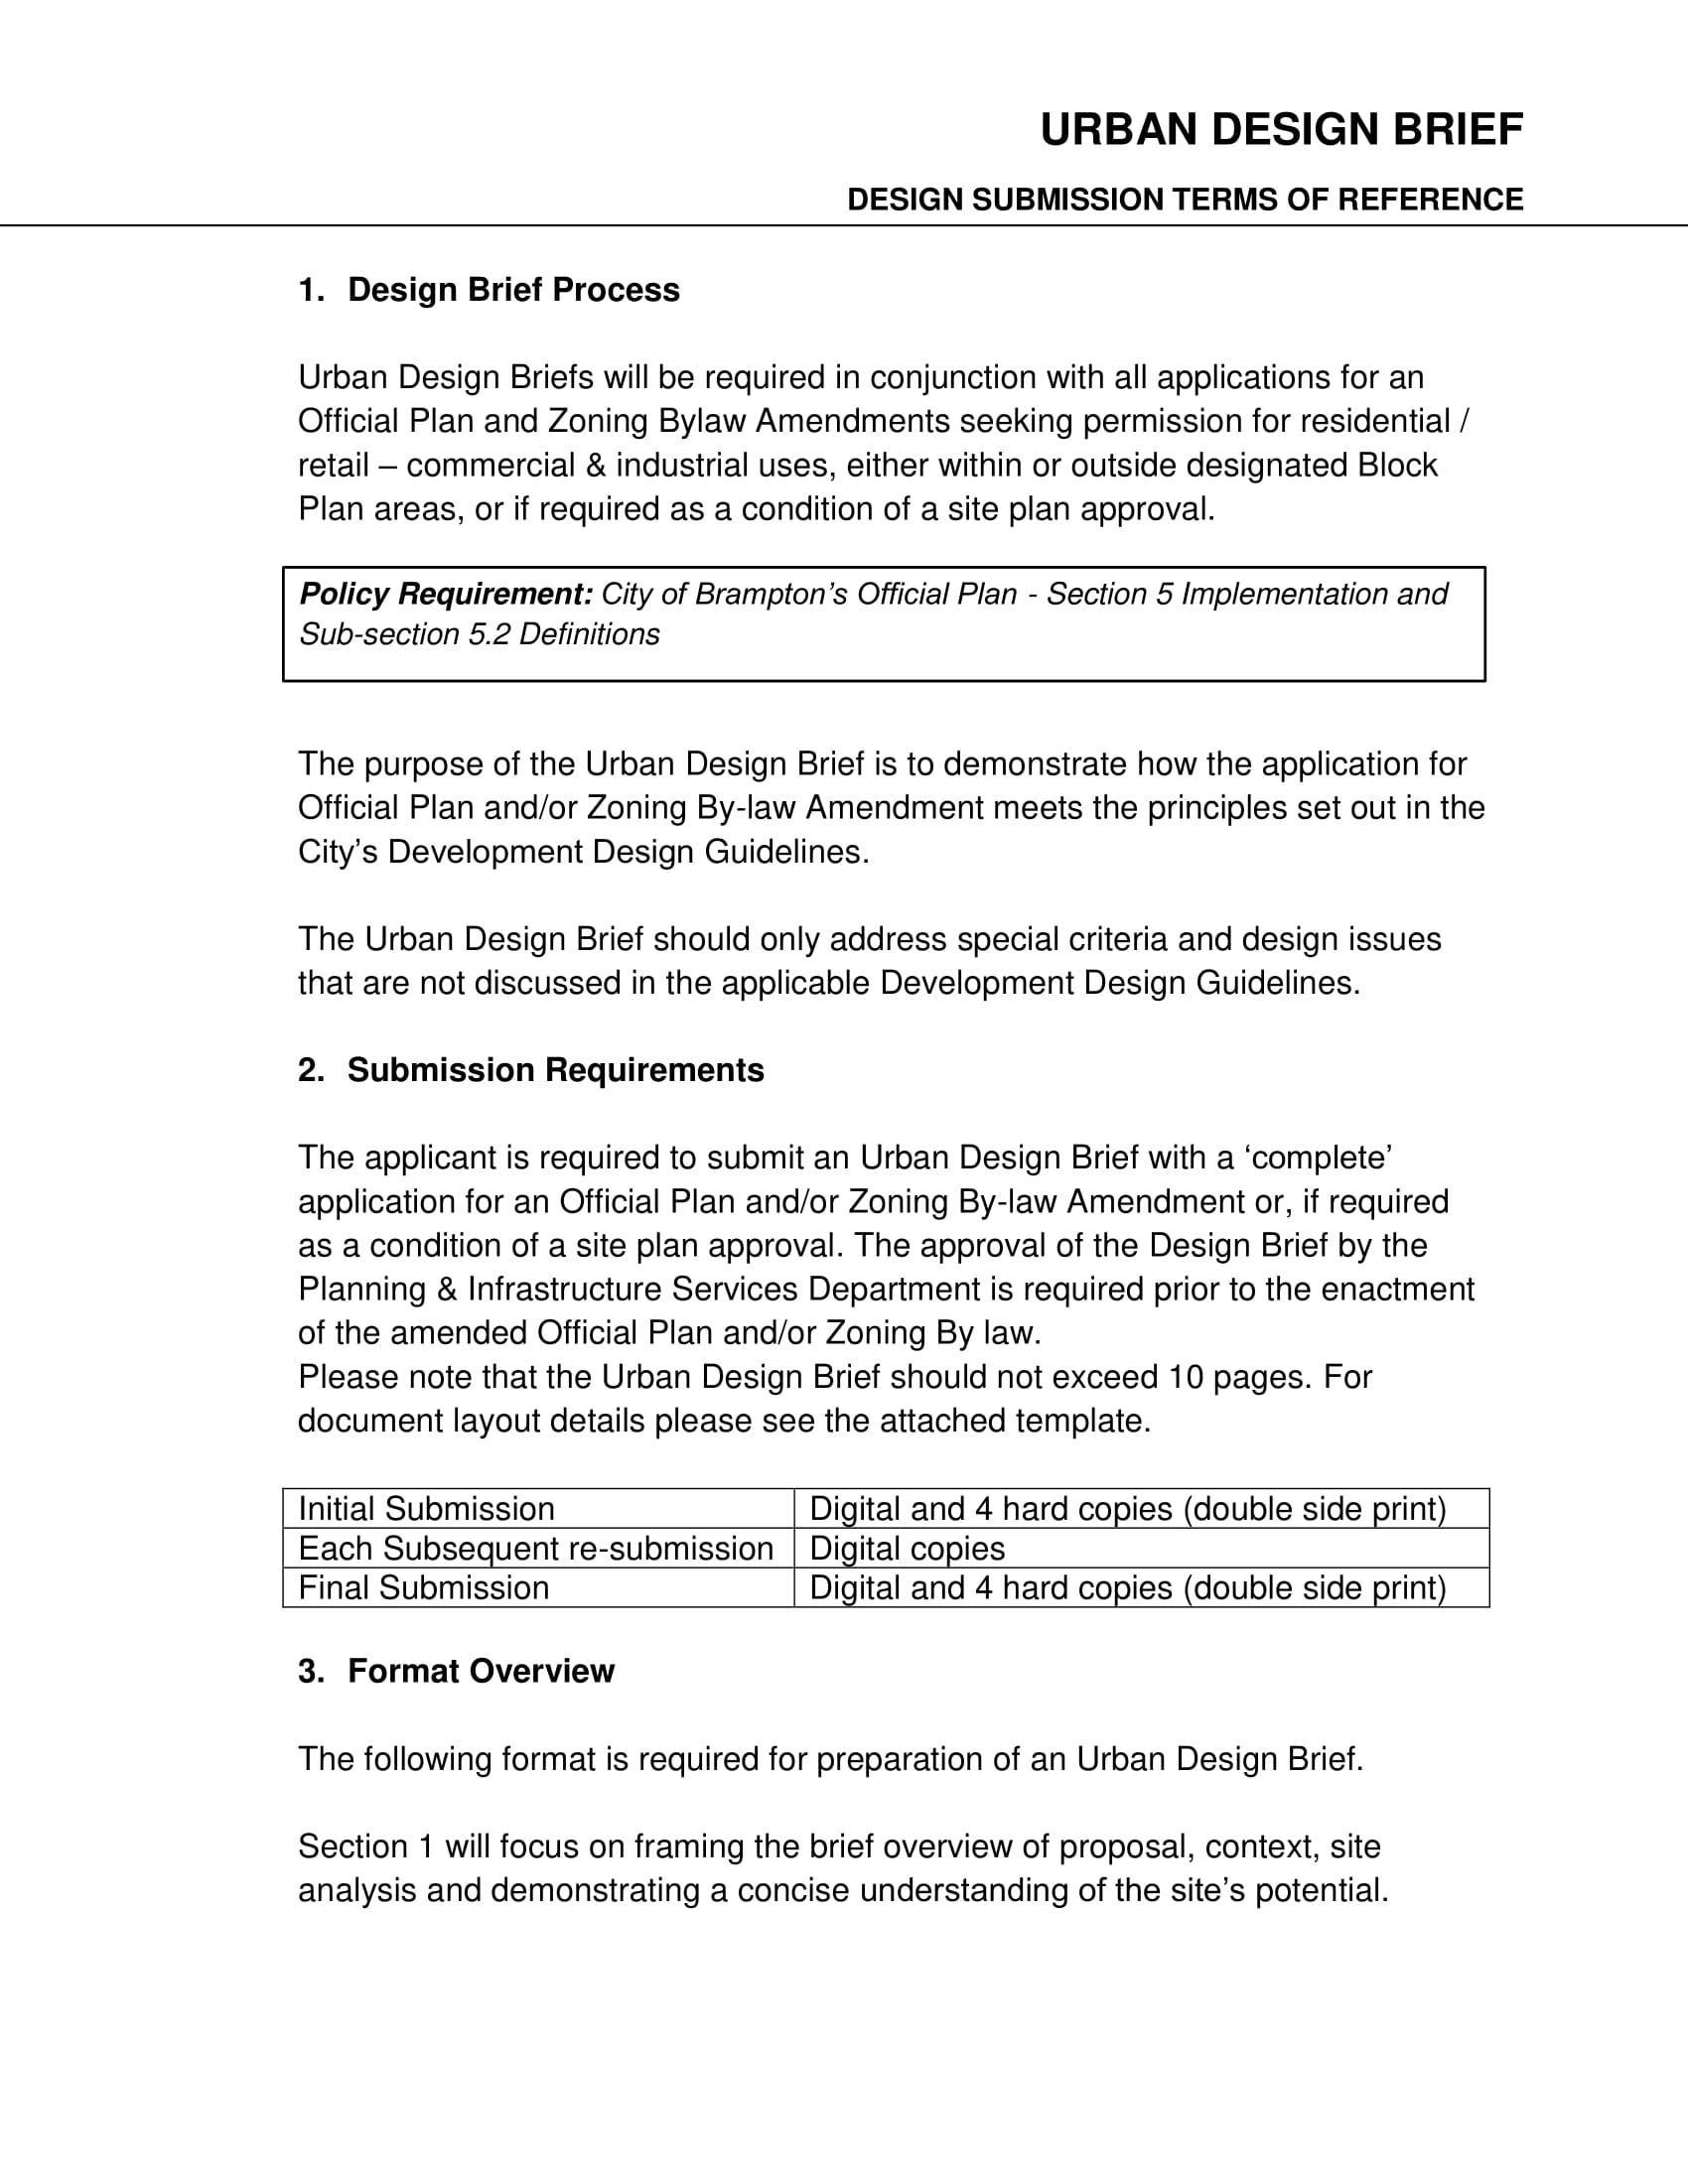 urban design brief template example 1